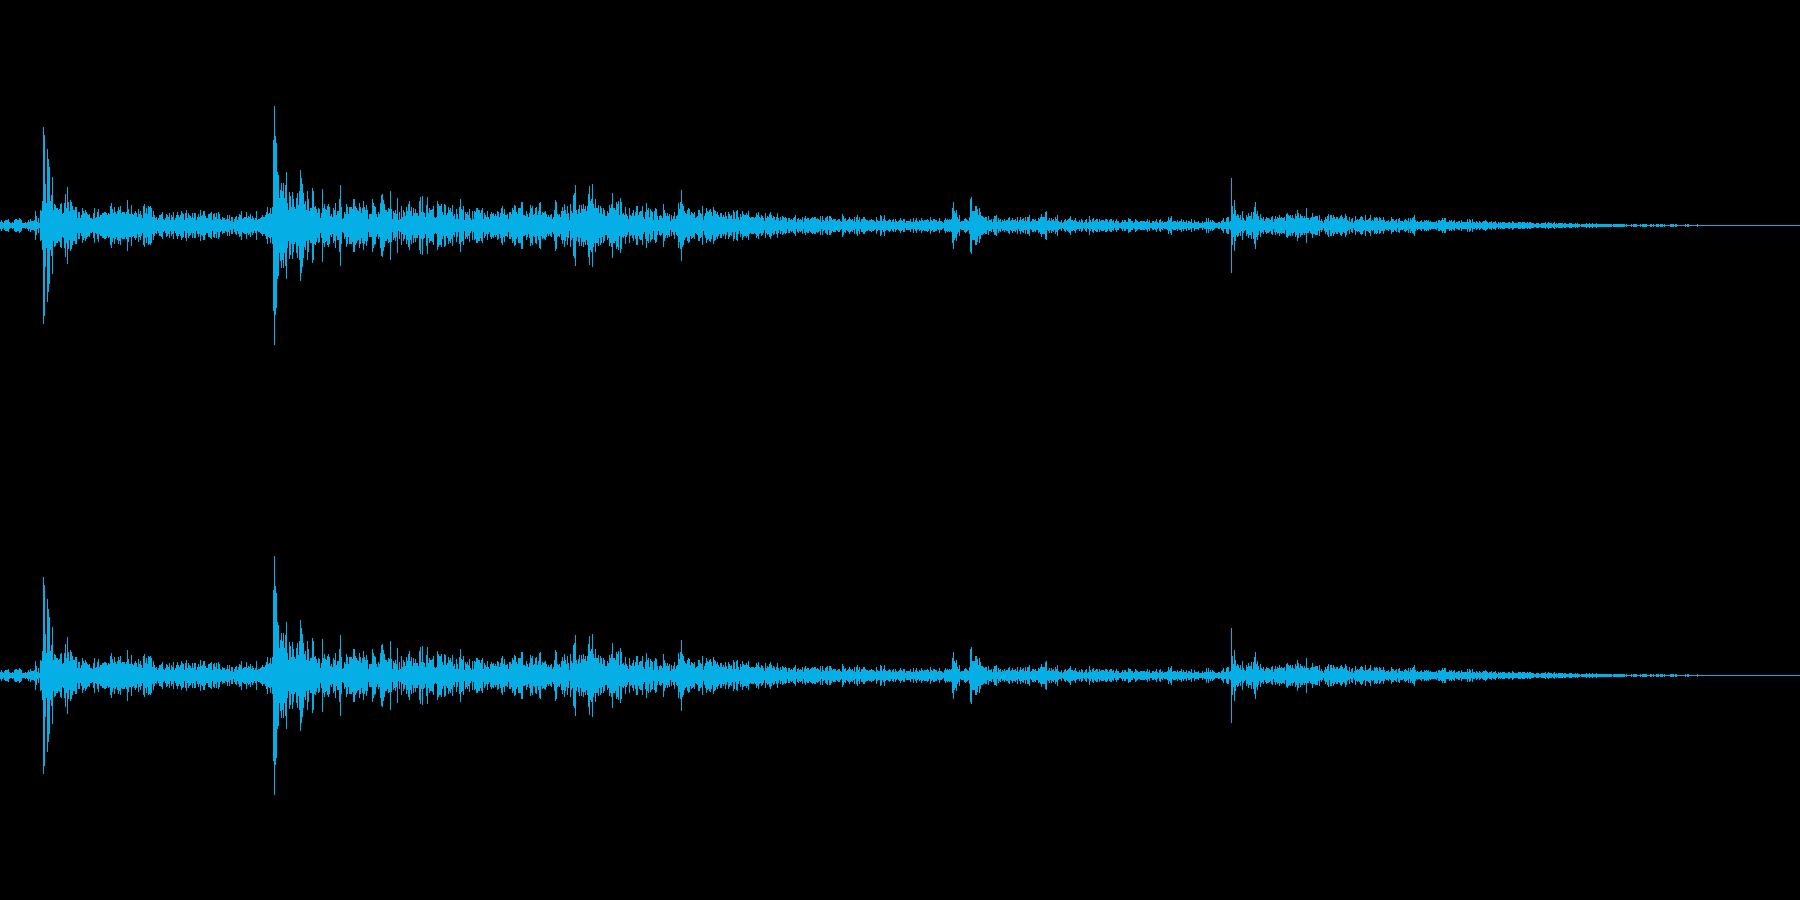 パシャッ!(おしとやかに打ち水をする音)の再生済みの波形